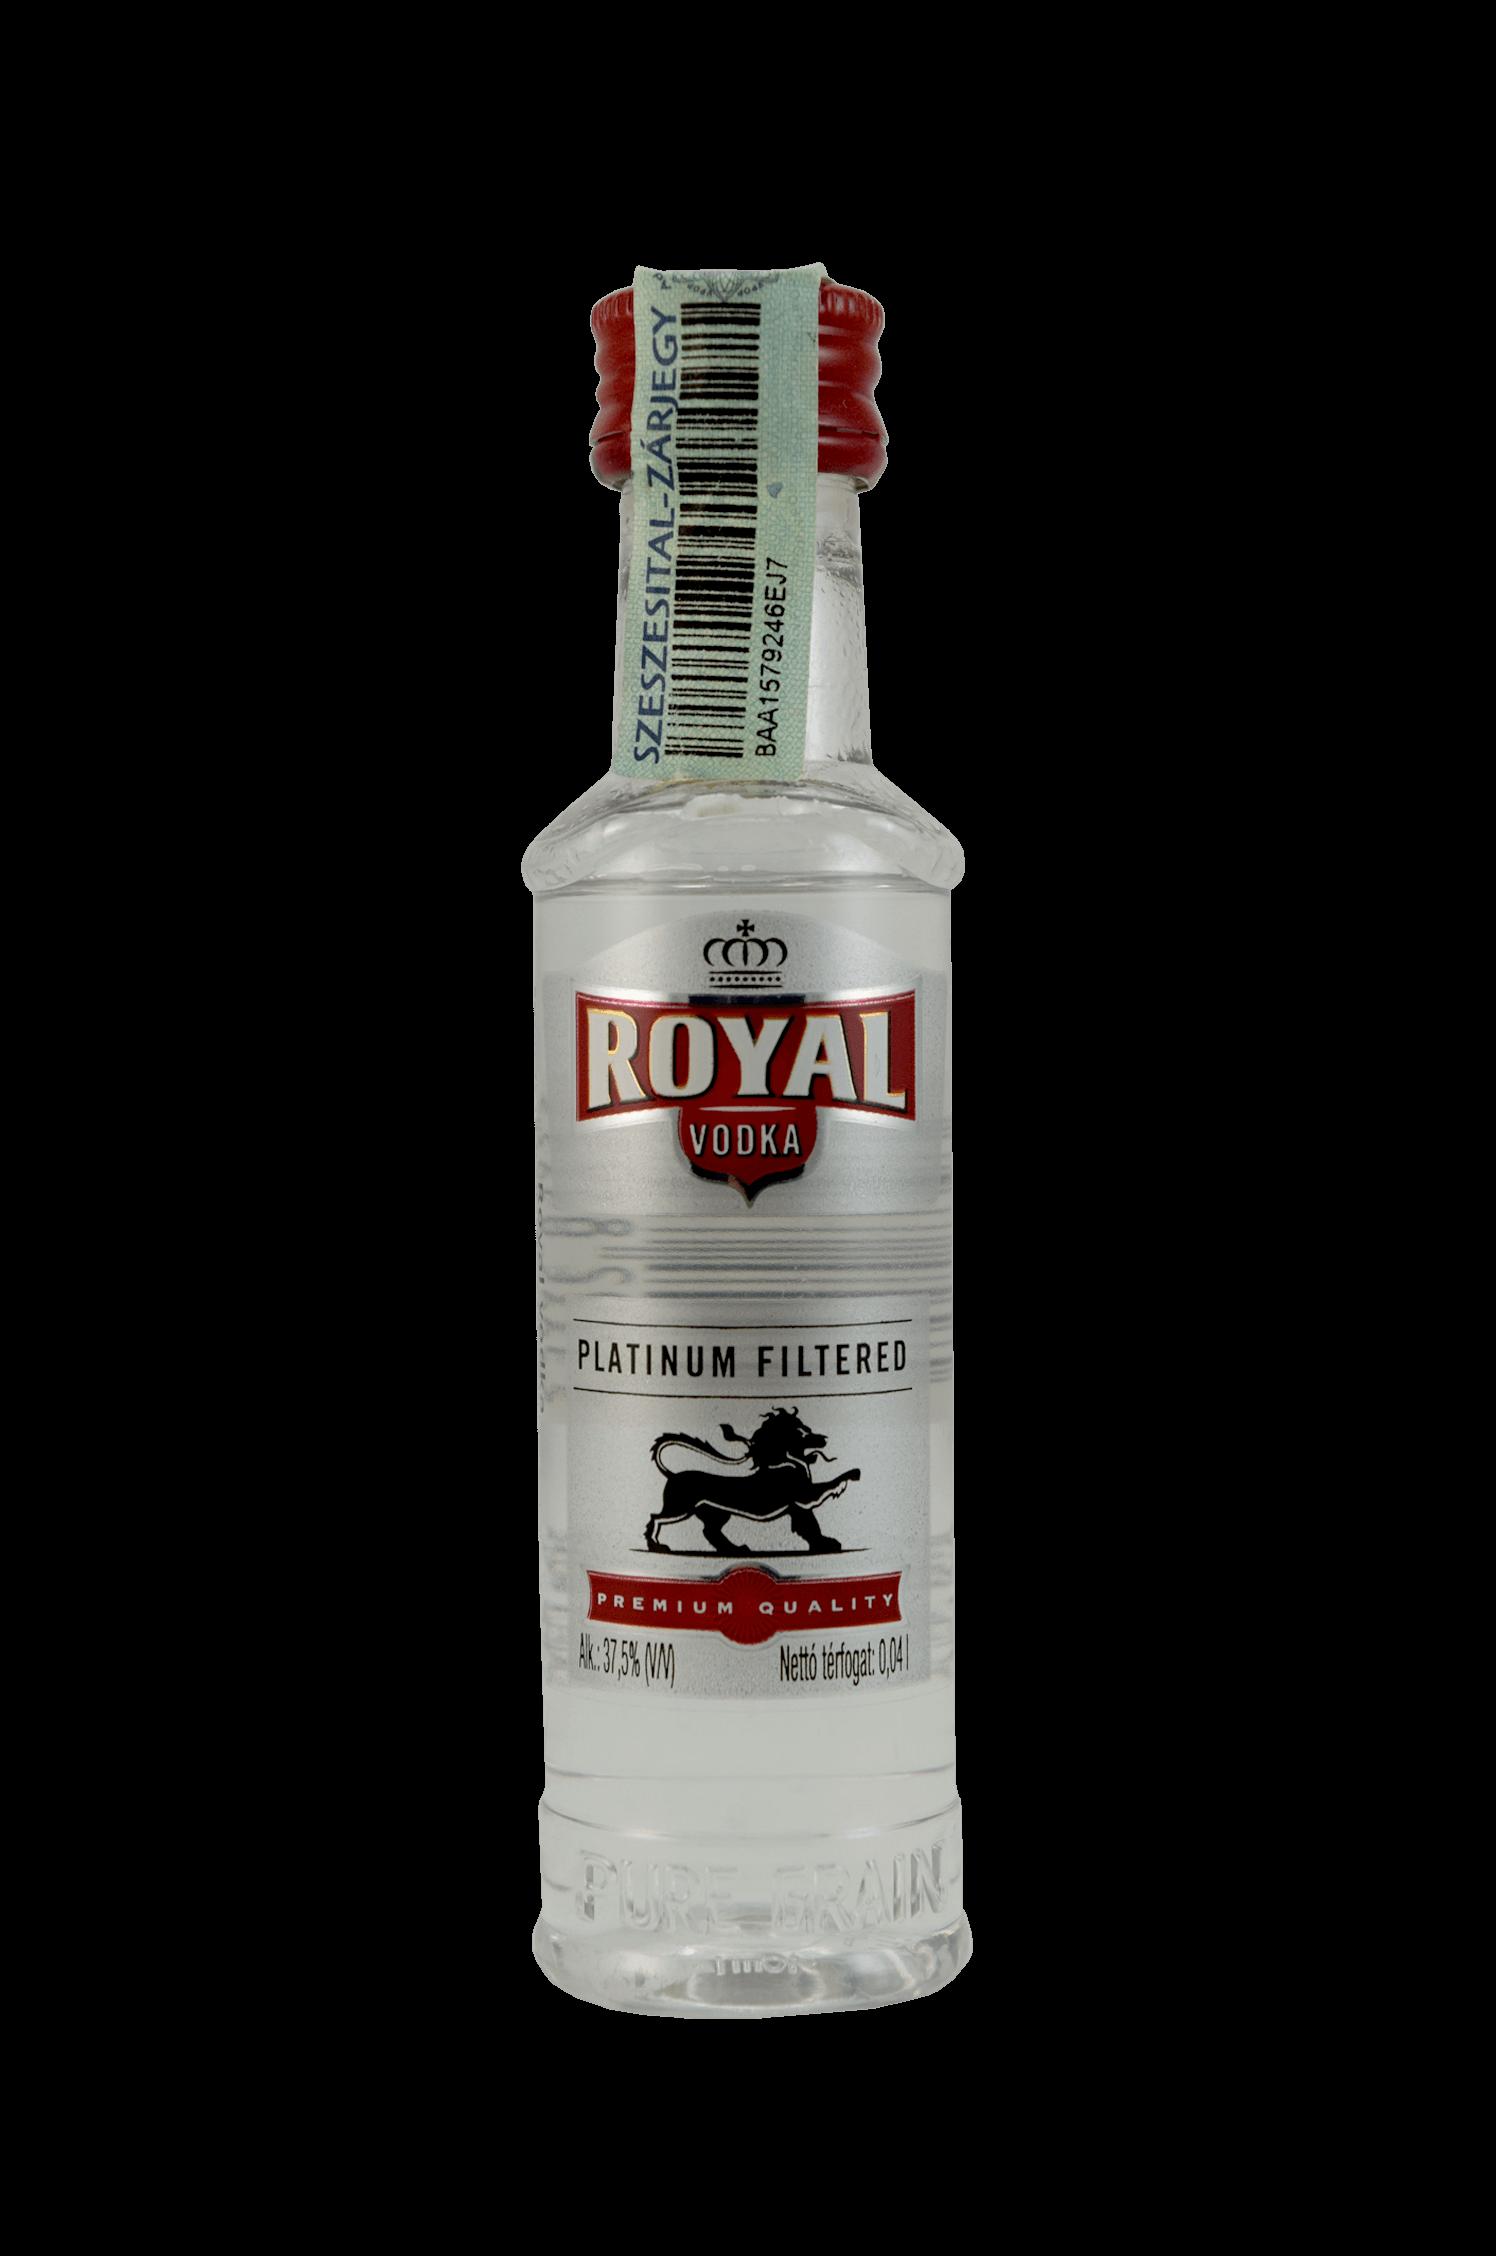 Royal Vodka Platinum Filtered